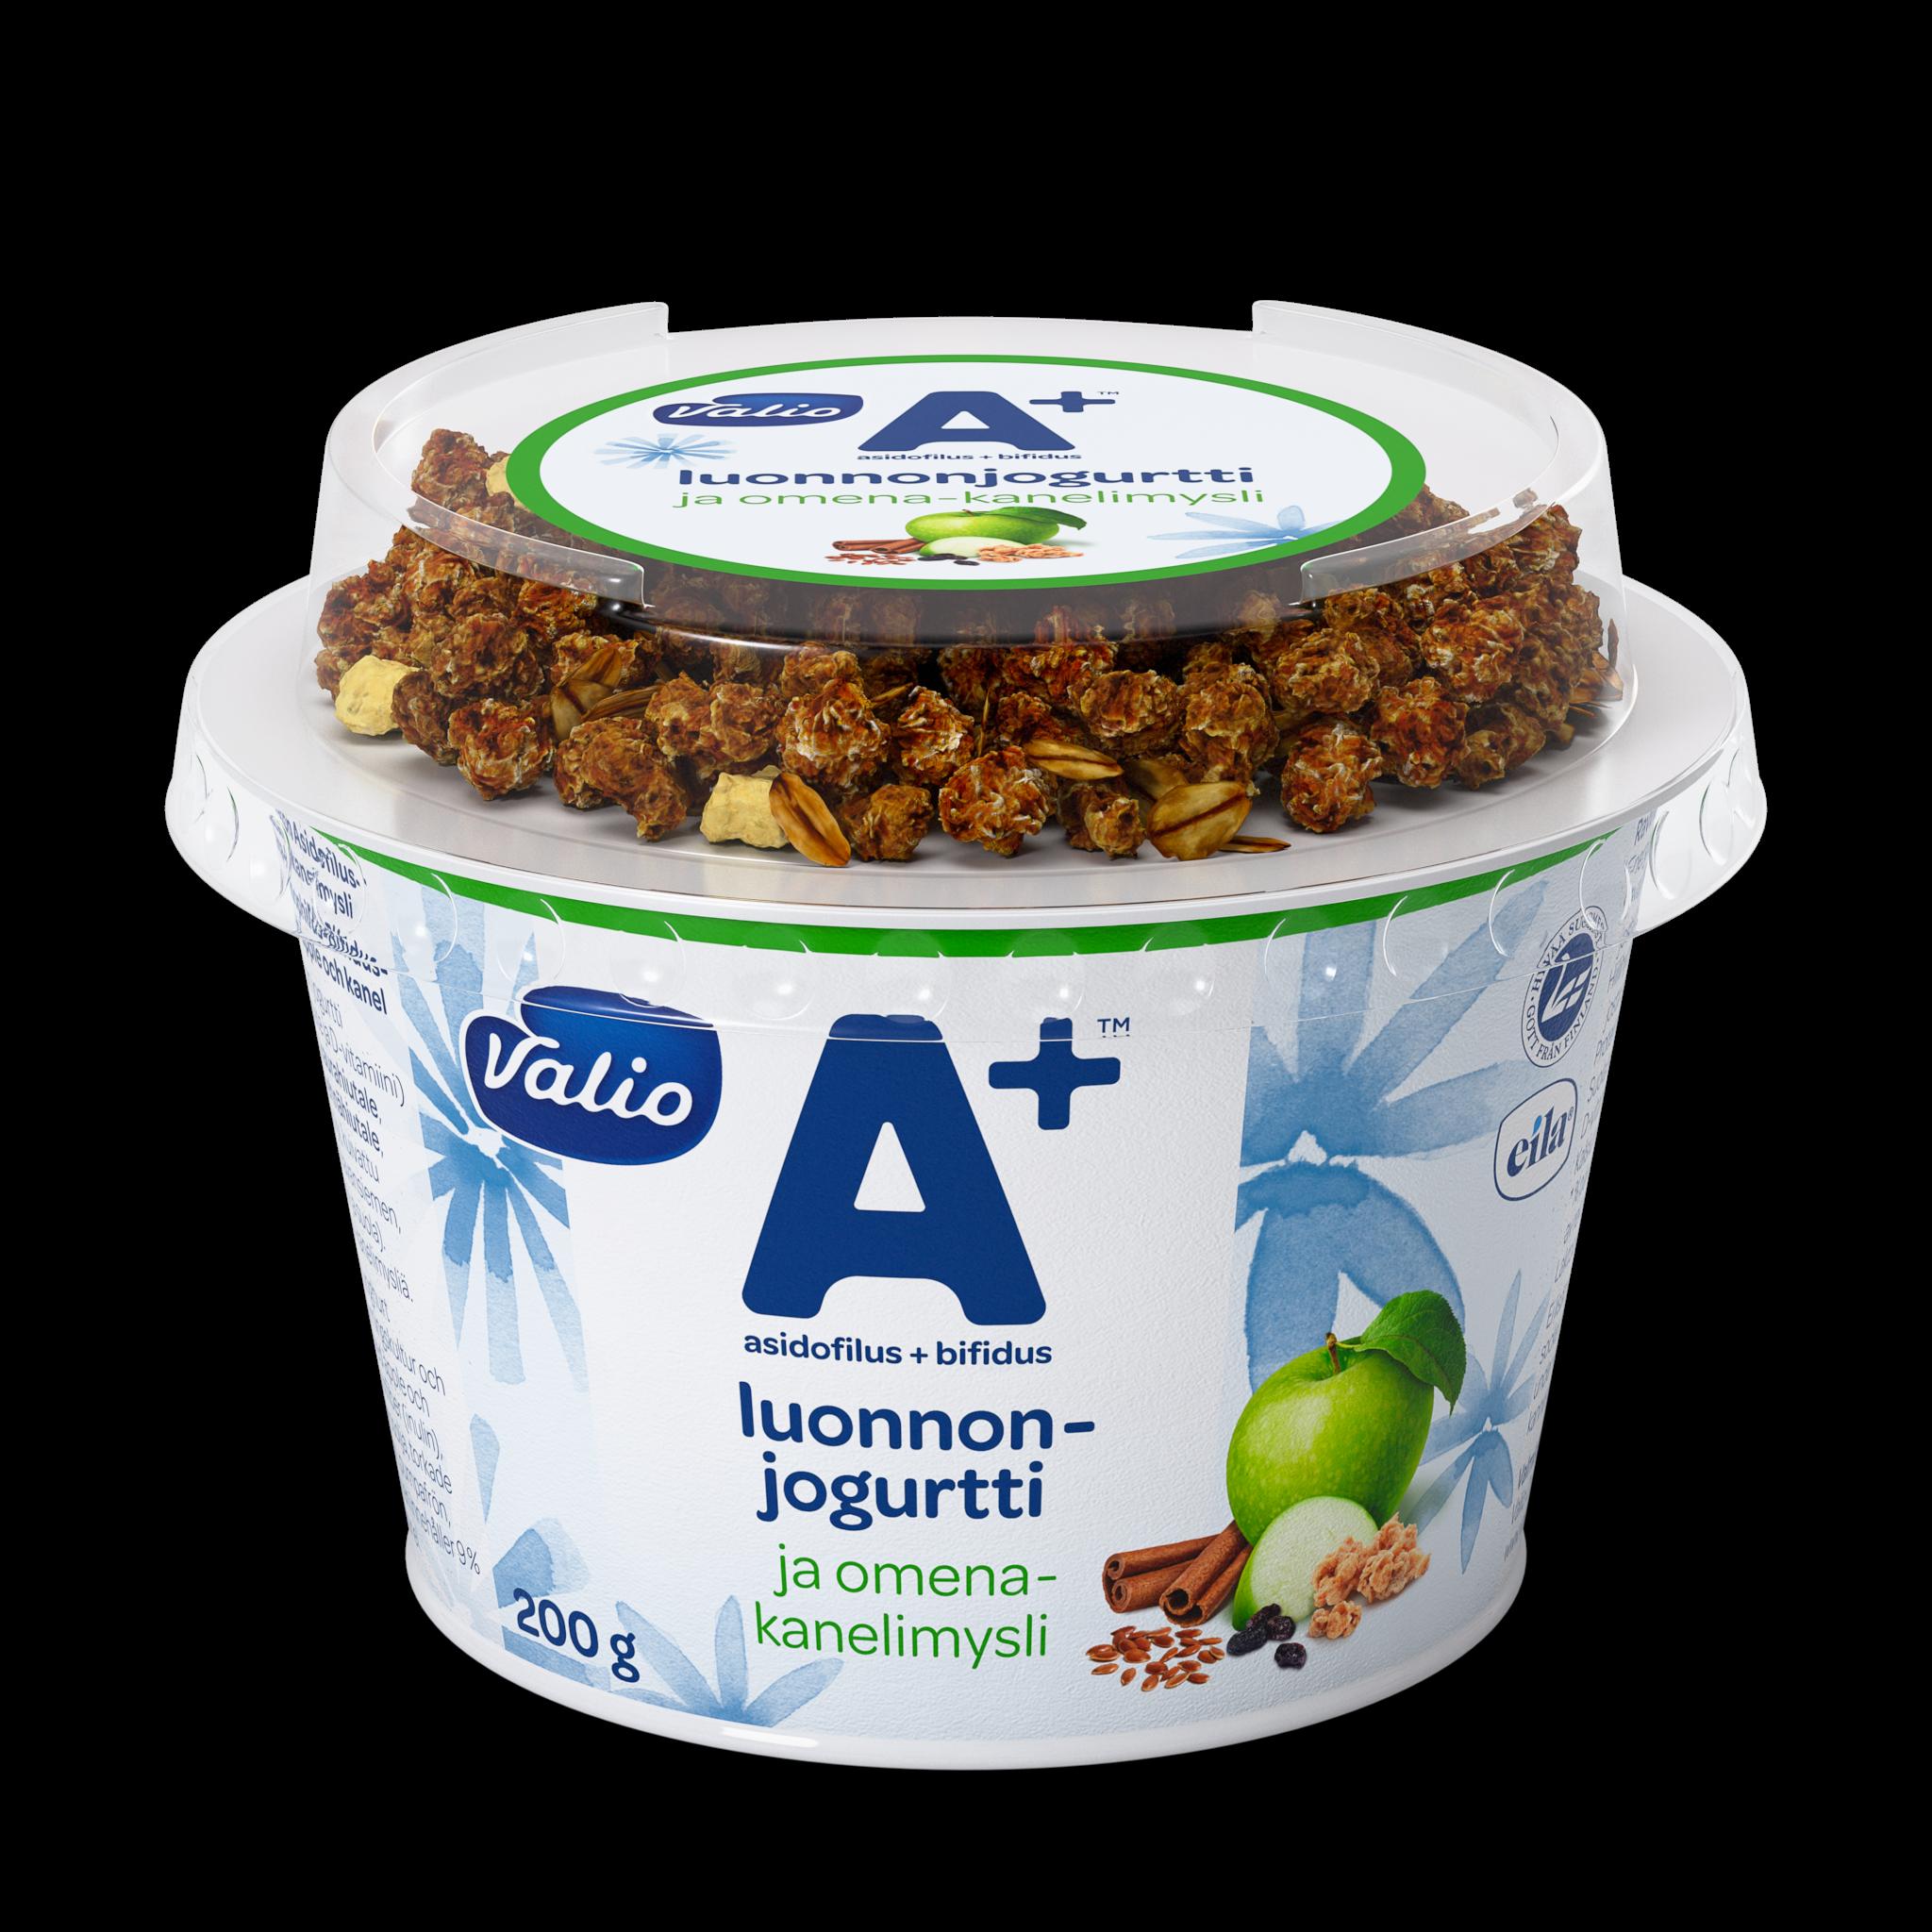 Valio A+™ luonnonjogurtti ja omena-kanelimysli laktoositon